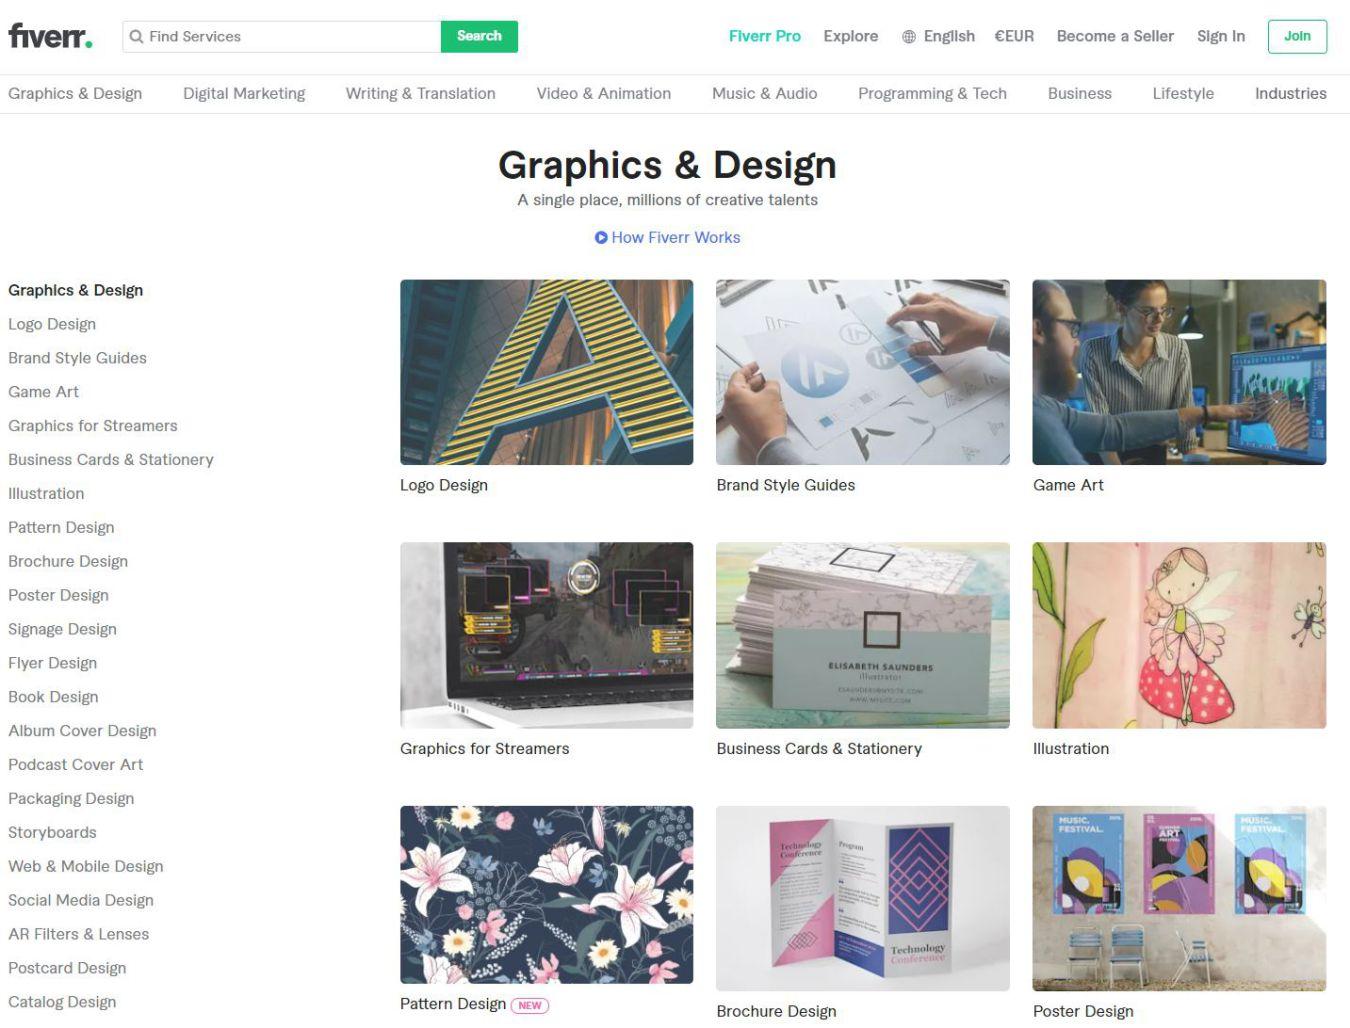 Hiring a designer at Fiverr